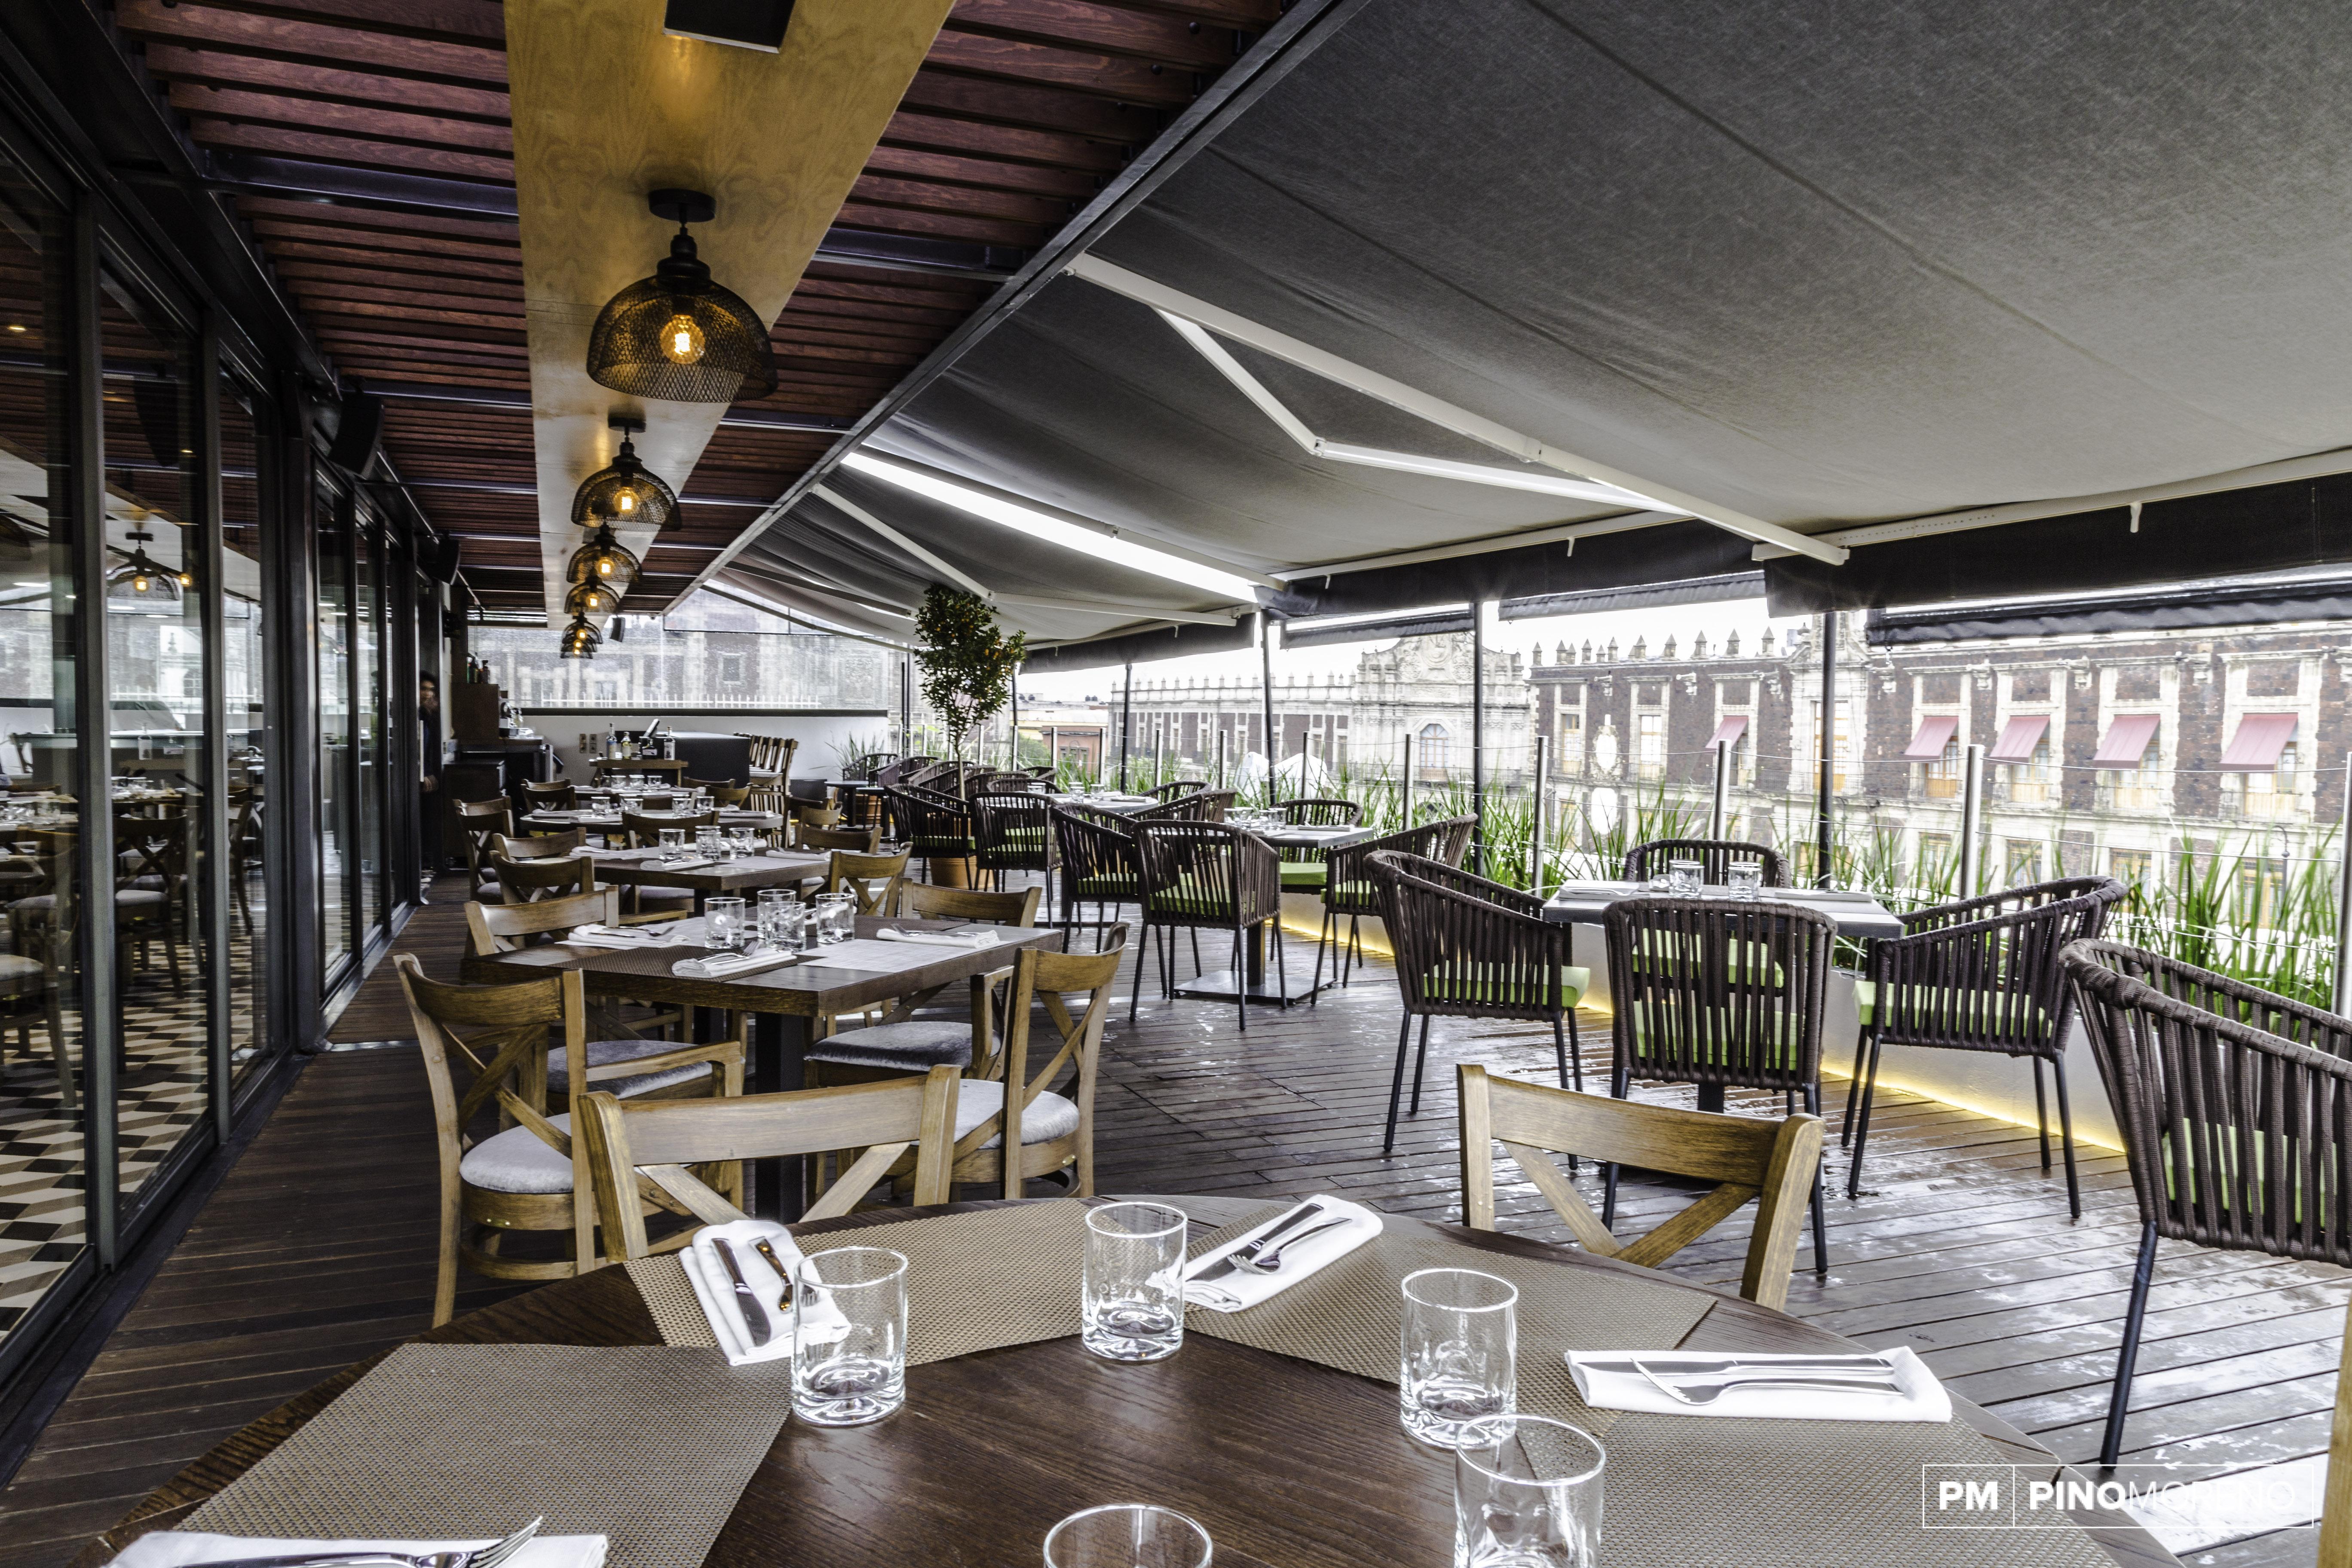 Hotel Domingo Santo: Cocina mexicana de autor en una bella terraza del Centro Histórico